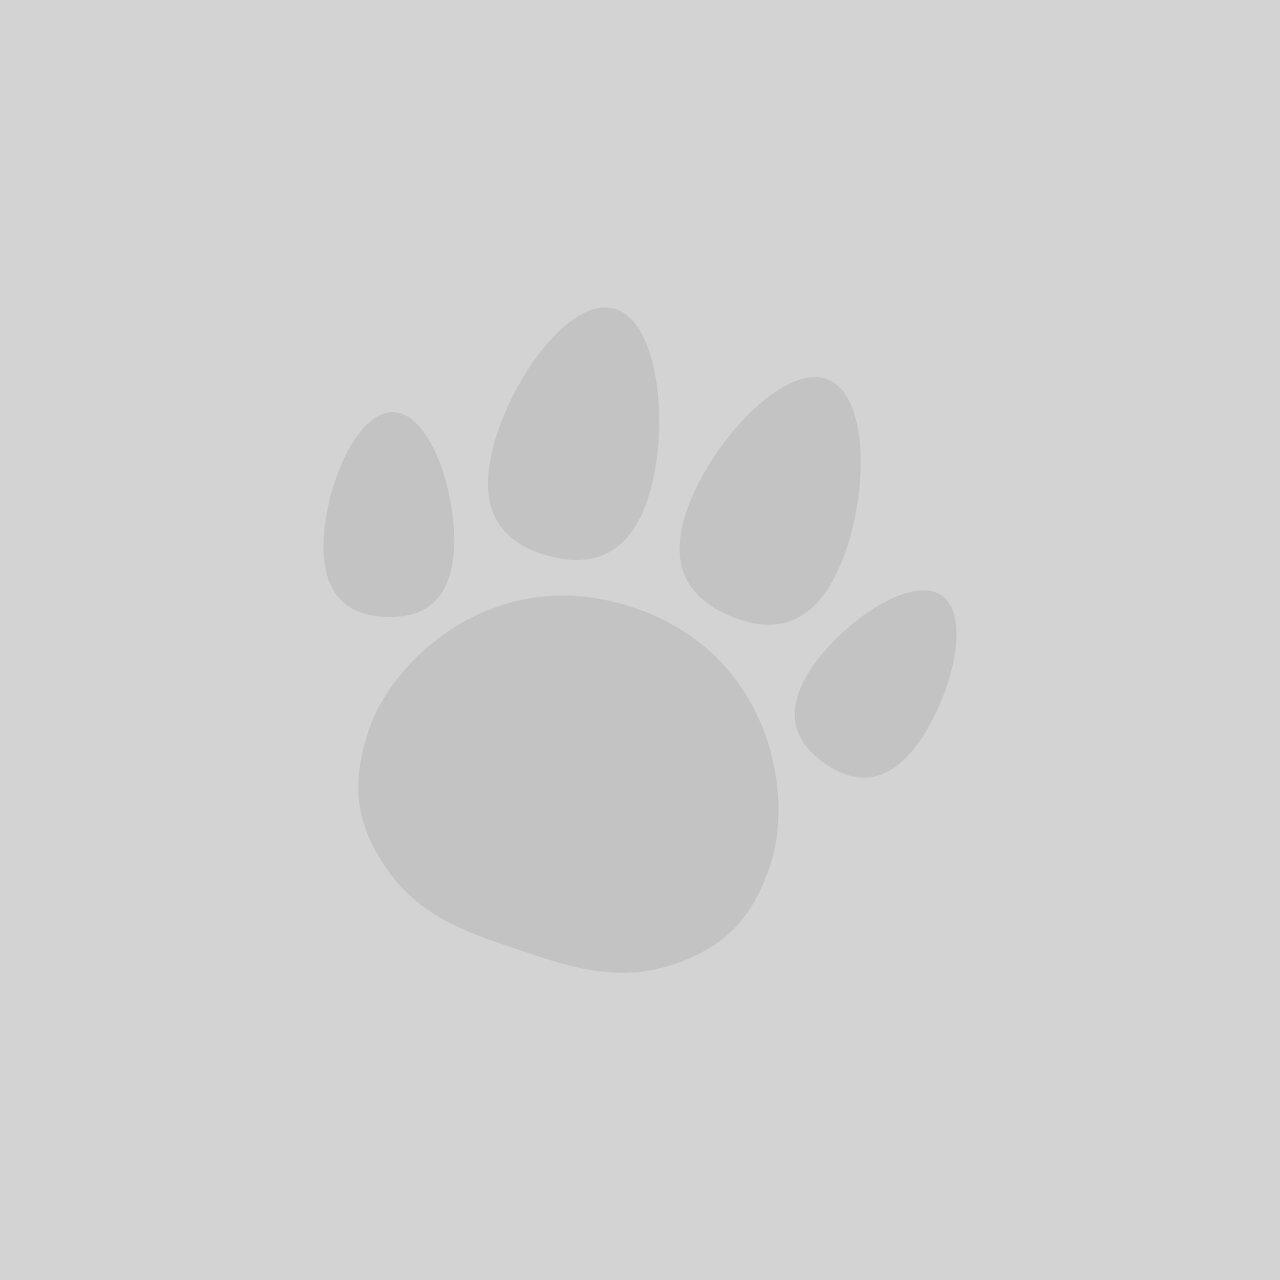 AATU 80/20 Salmon (Size Options Available)